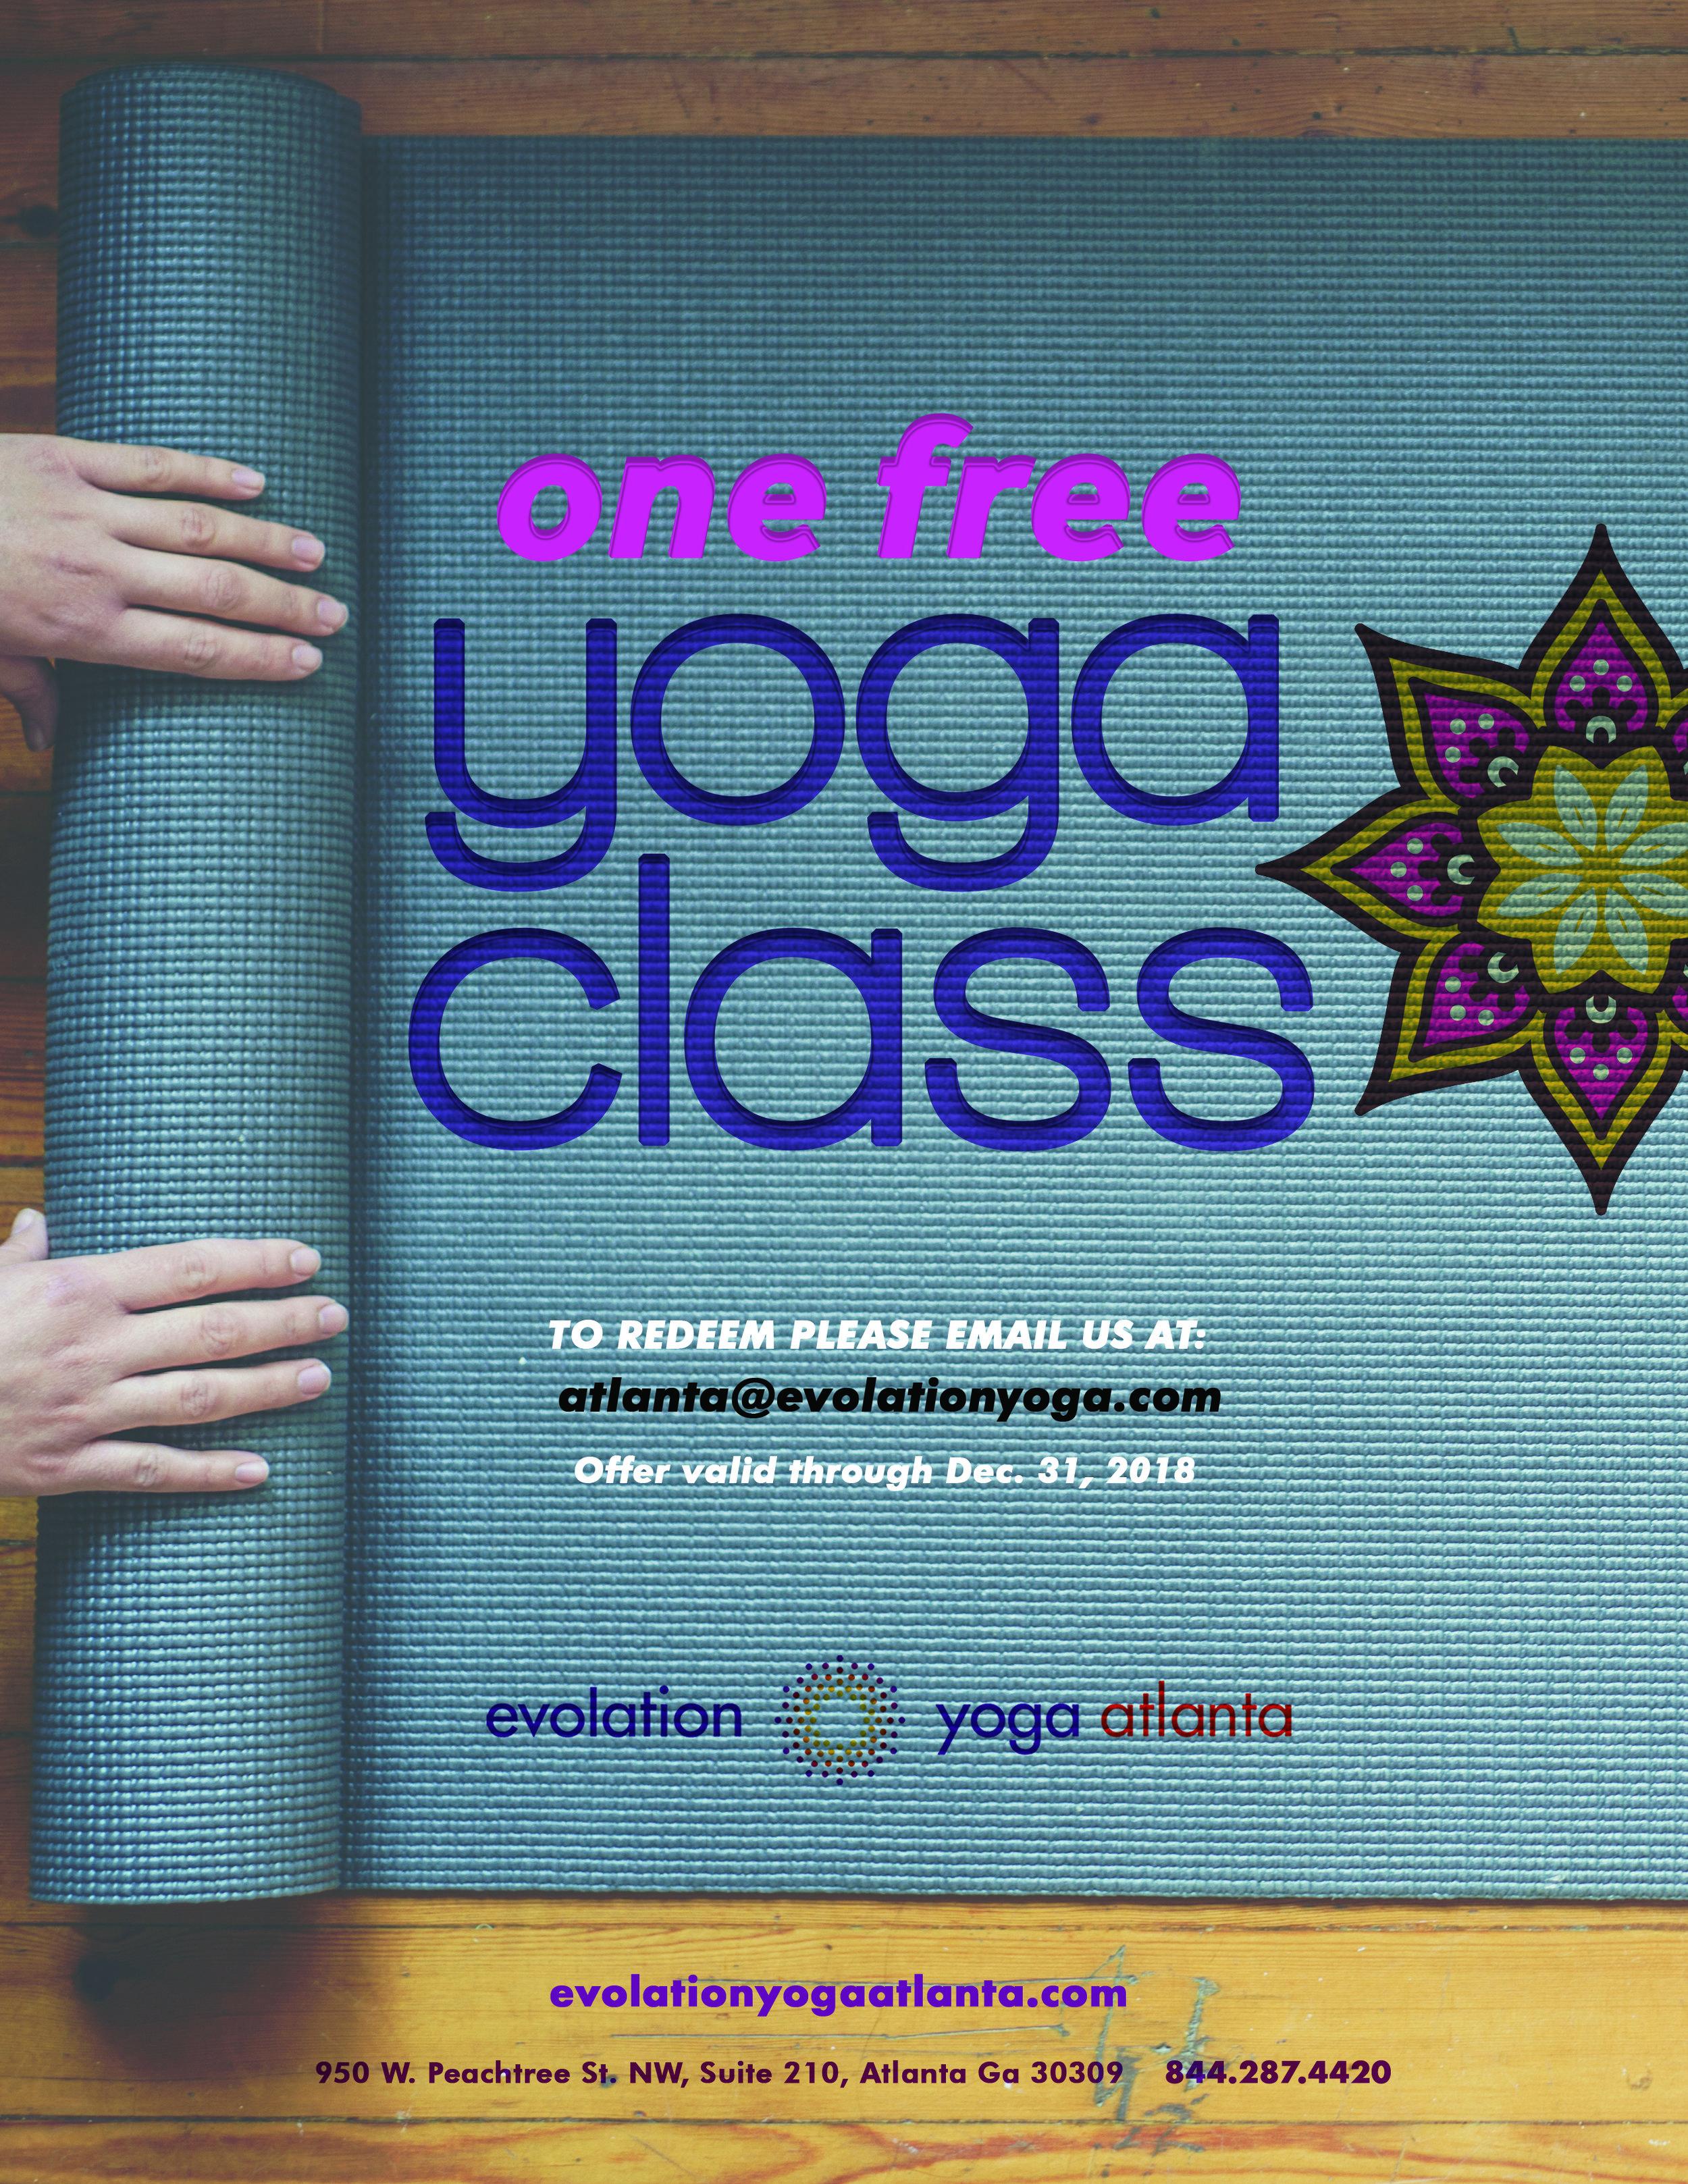 Poster for evolation yoga